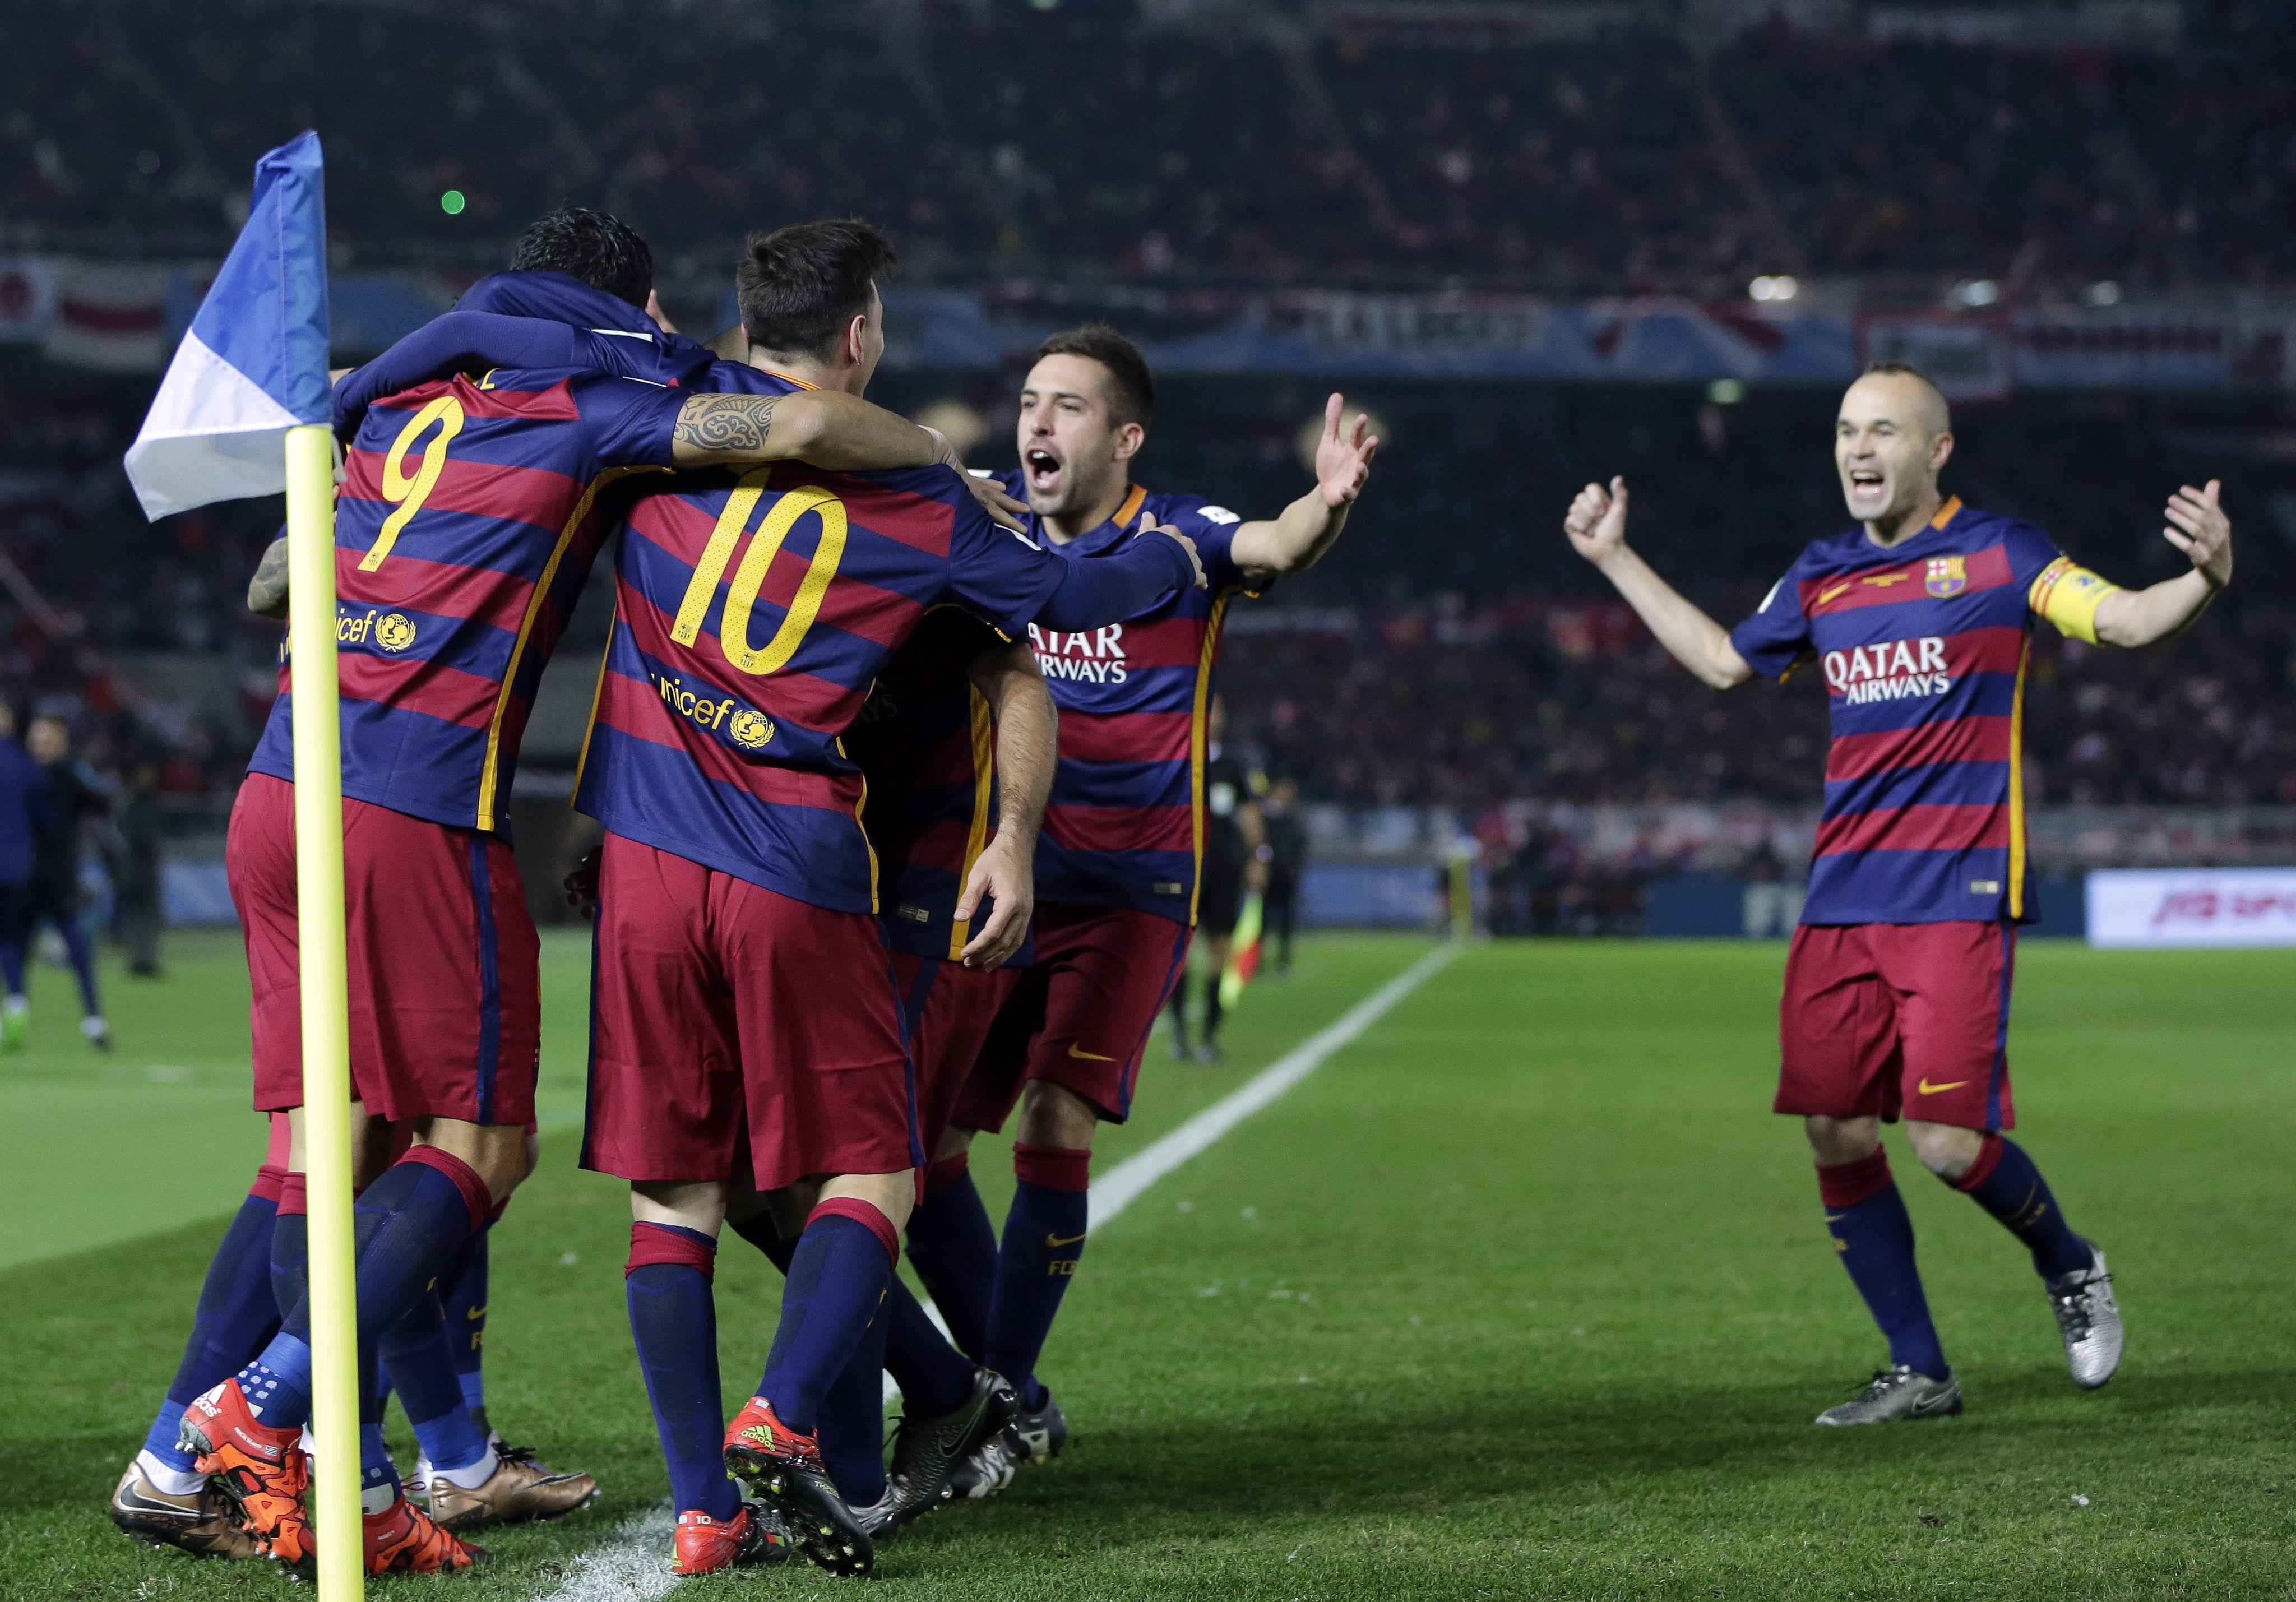 Tras vencer a River, Barcelona se convirtió en el equipo más ganador del mundo